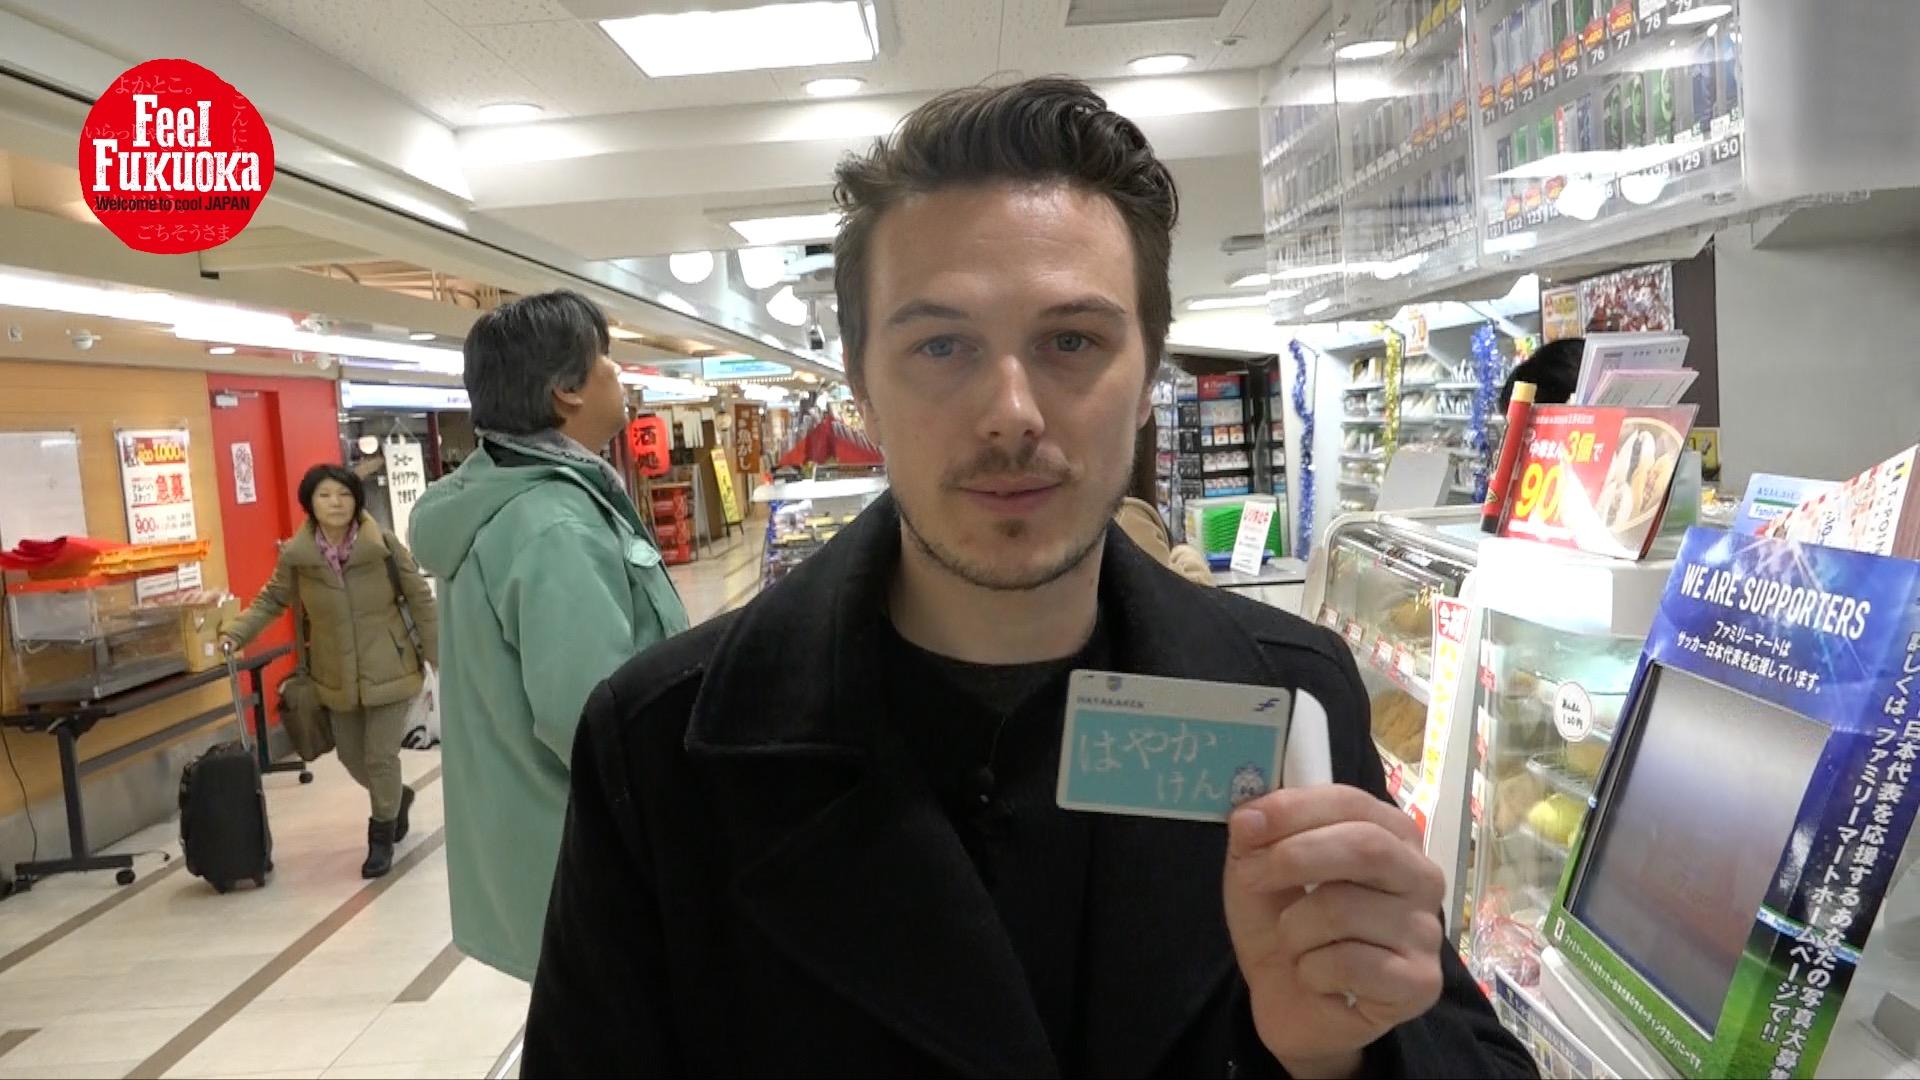 FFJ 便利なICカード「はやかけん」